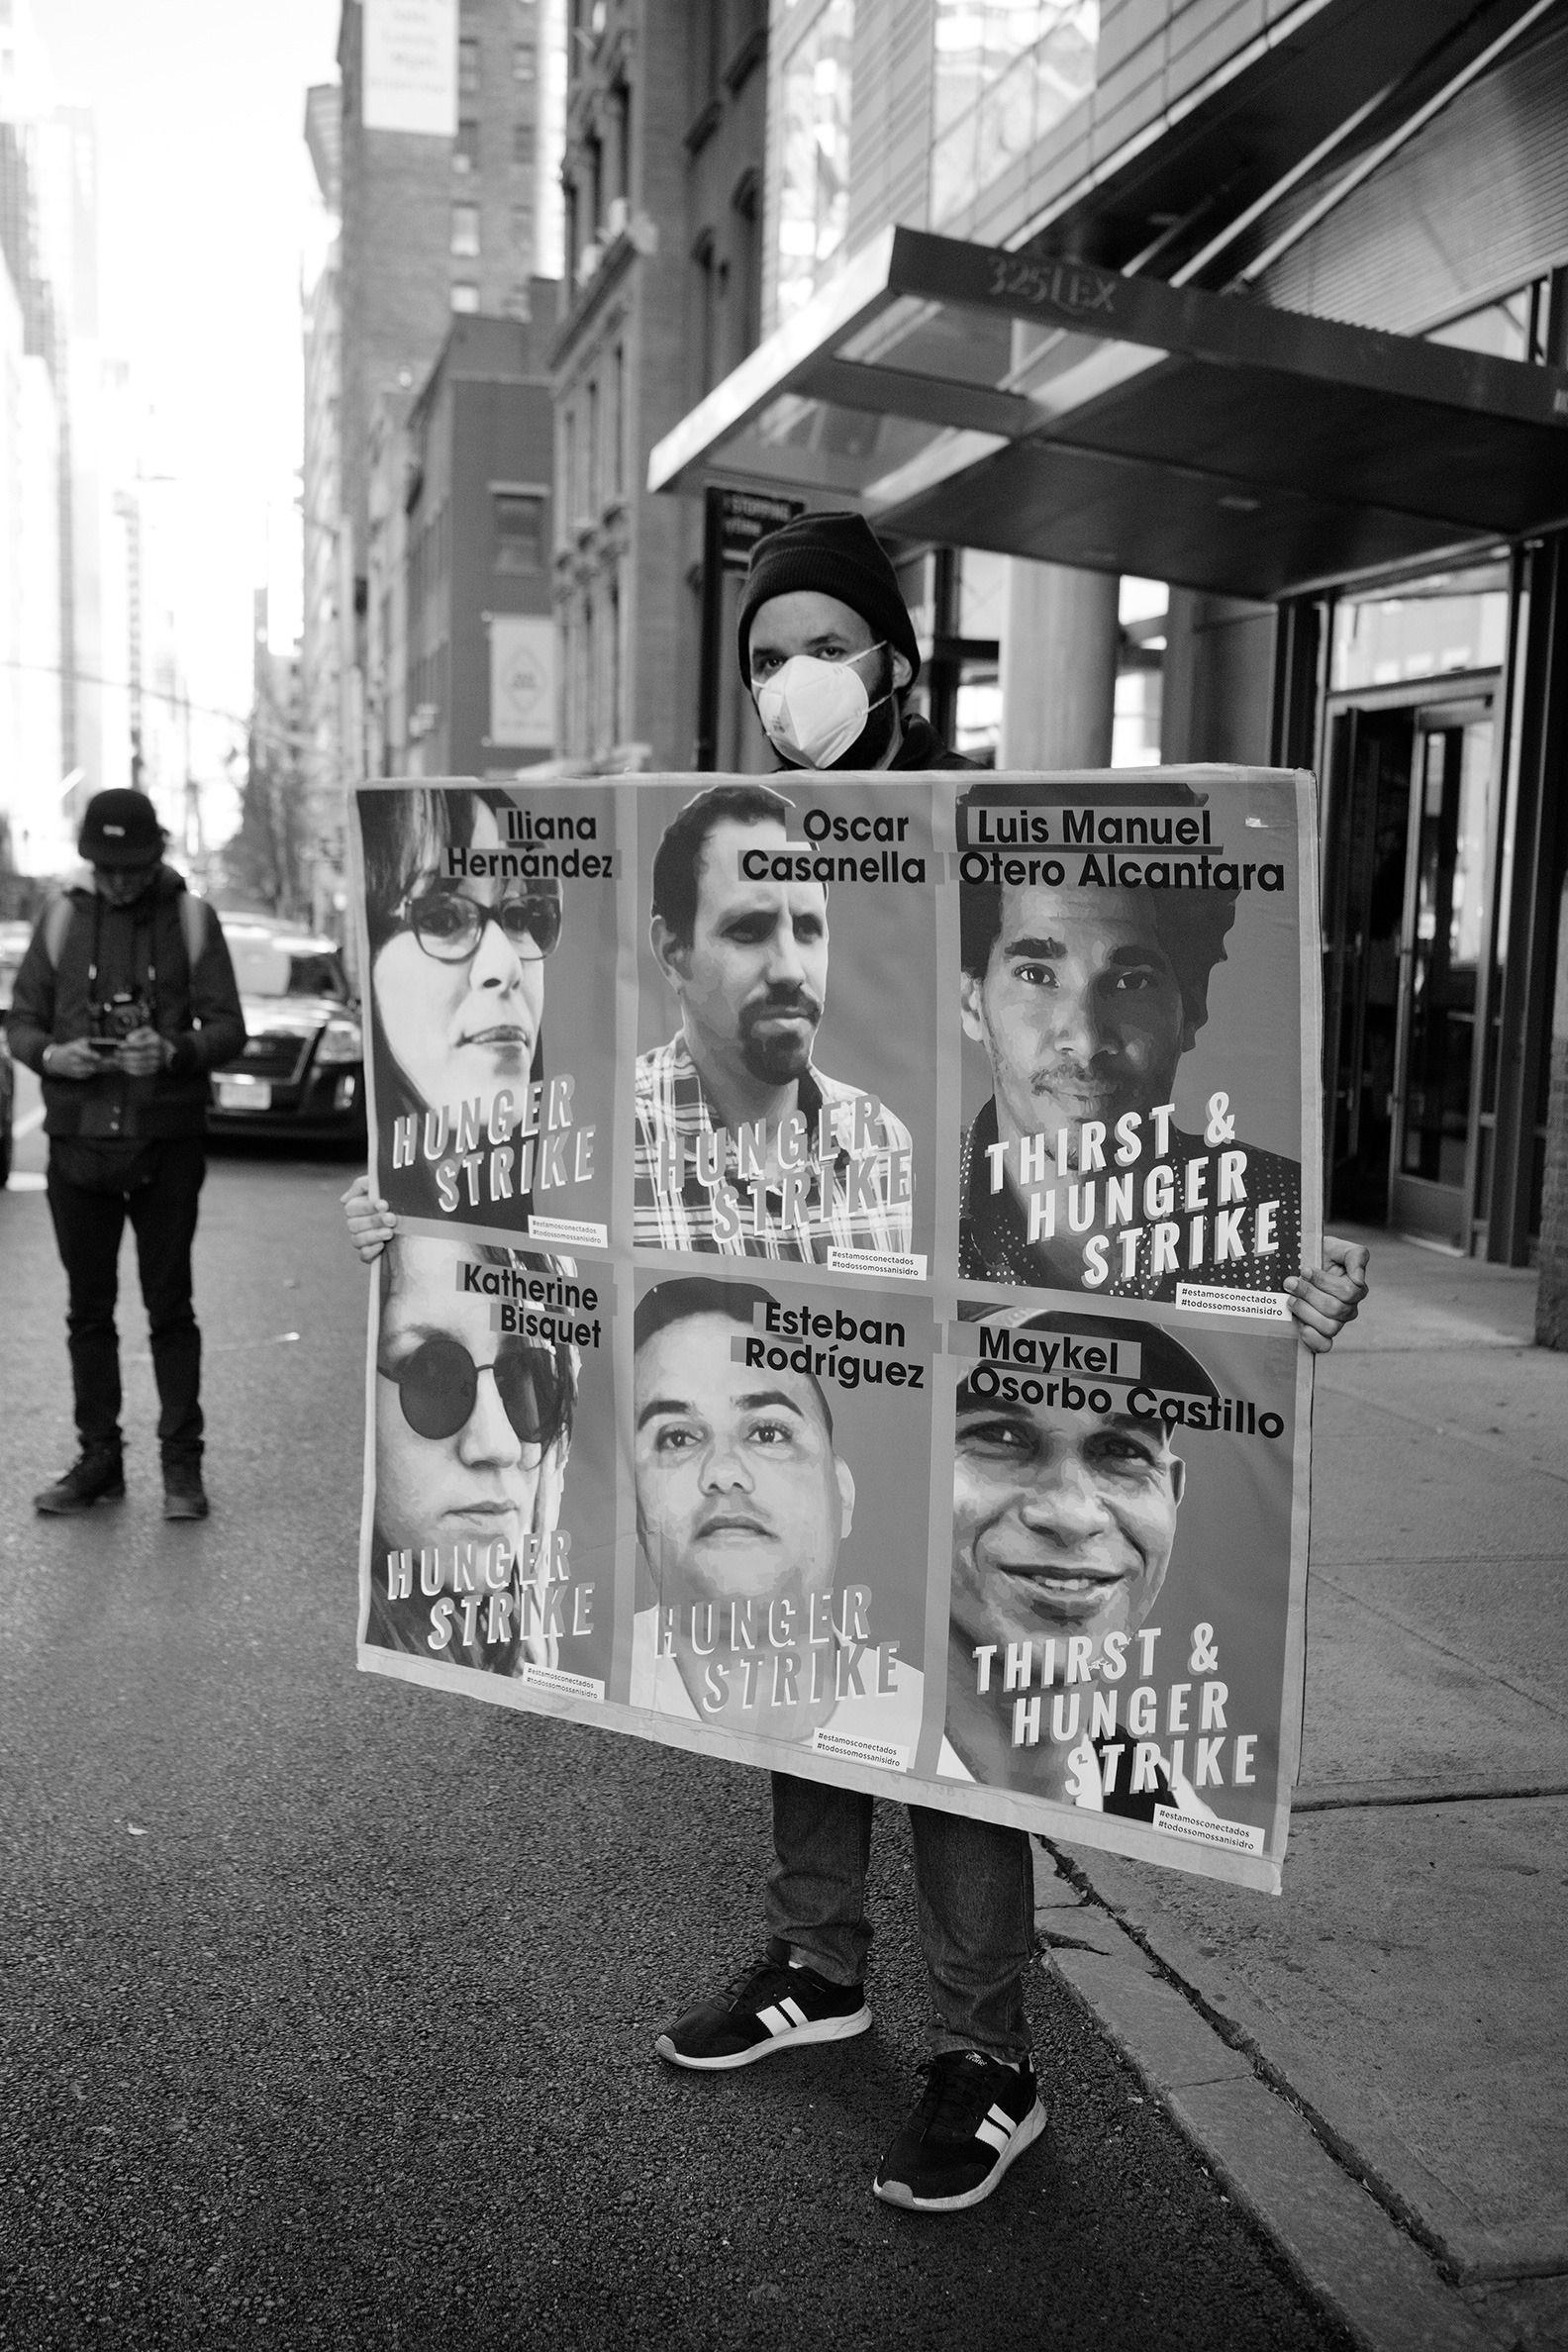 Cubanos en Nueva York se manifiestan en apoyo al movimiento San Isidro 4 | Rialta